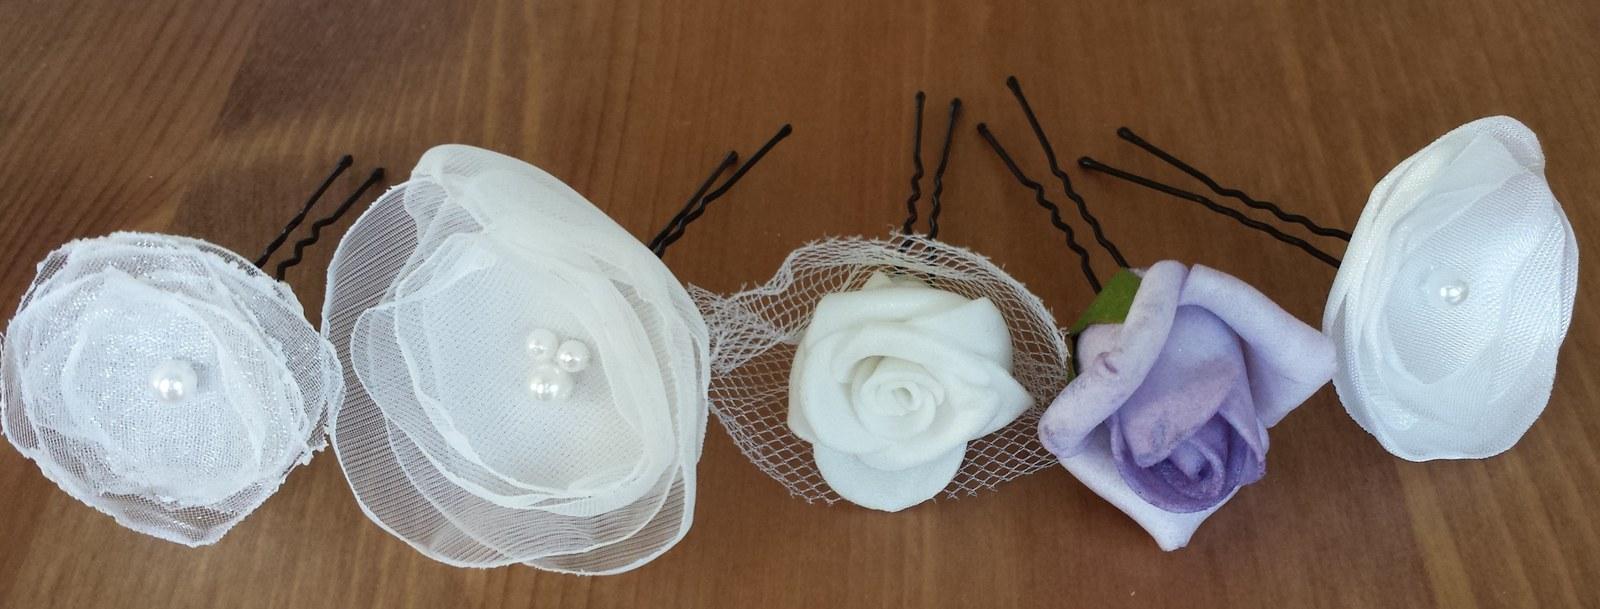 Vlásenky s bílým/lila květem nejen na svatbu - Obrázek č. 1